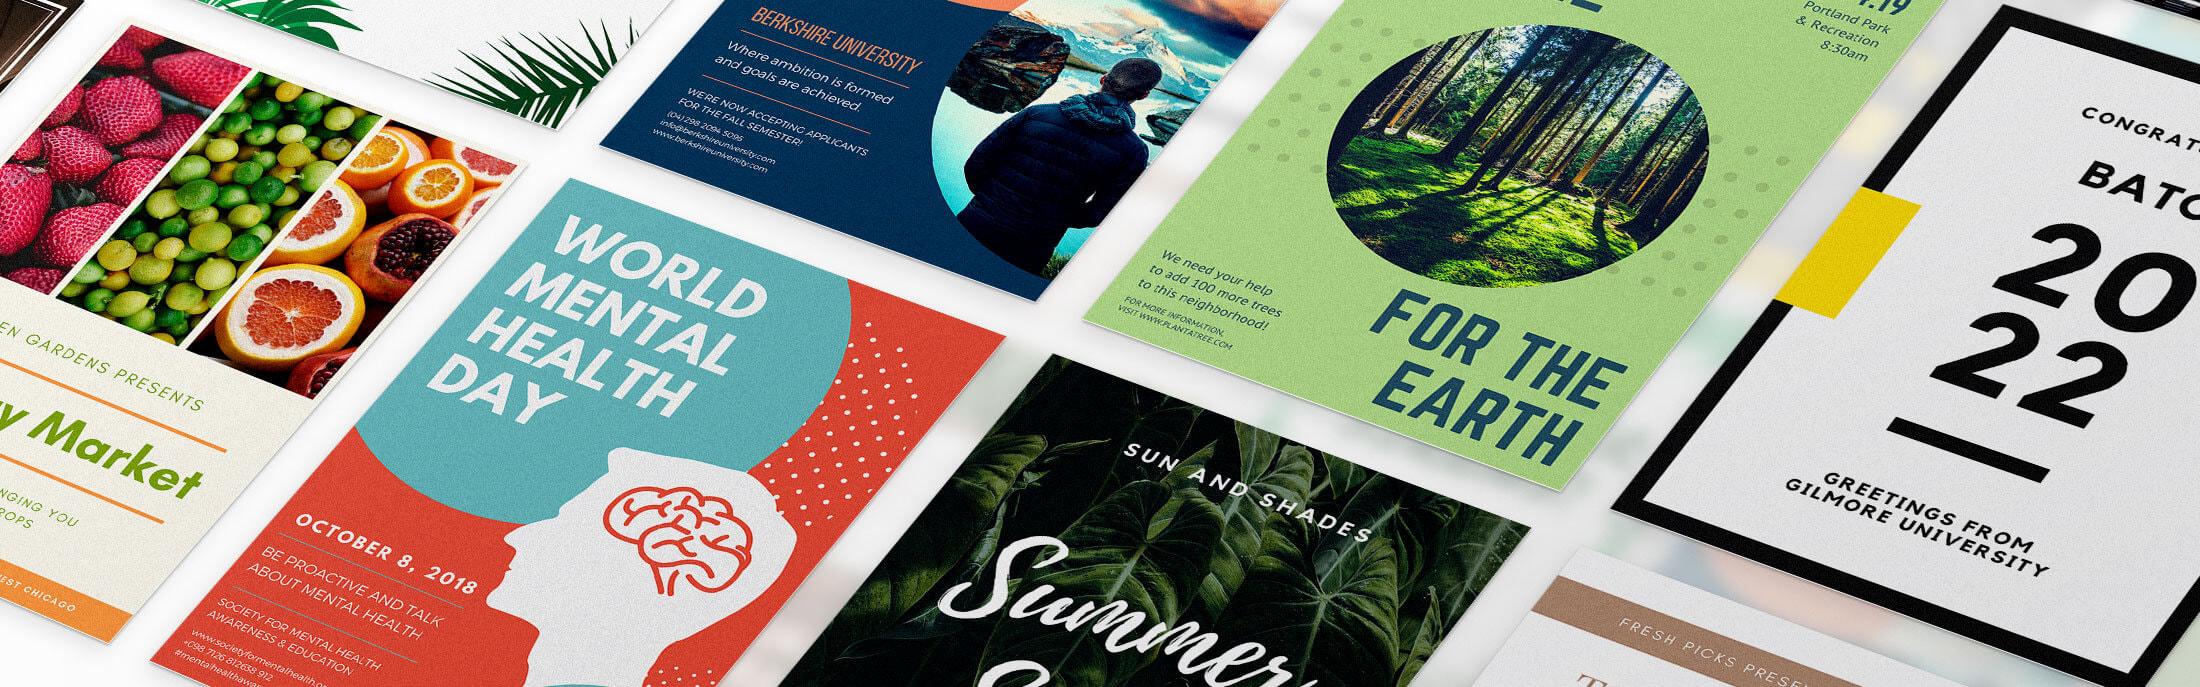 Membuat Poster Online Gratis dengan Mudah - Canva